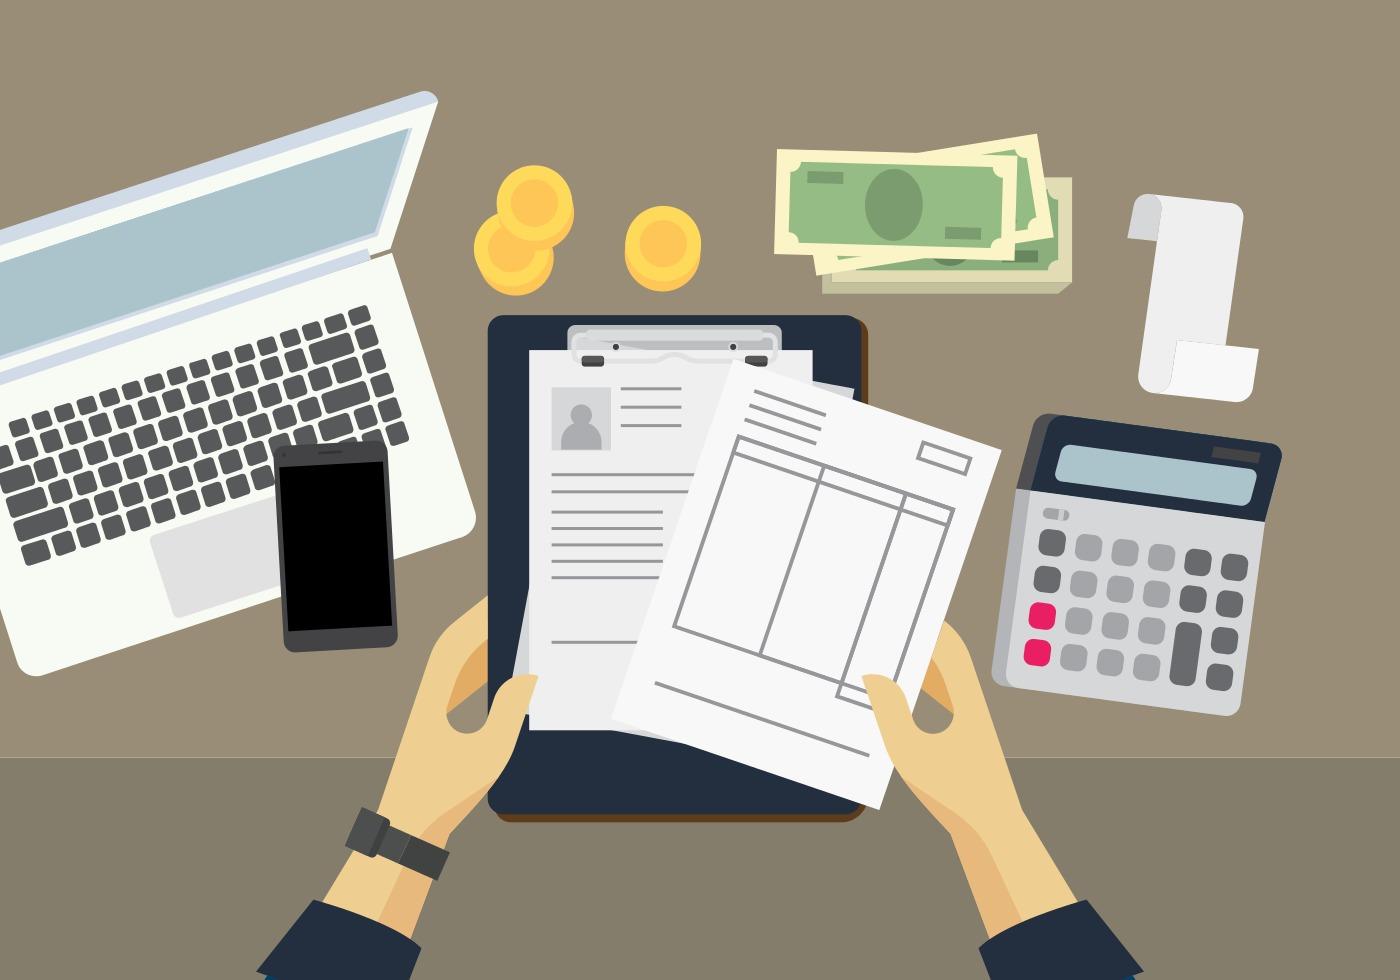 Condominio e fatturazione elettronica, importanti chiarimenti per amministratori e fornitori